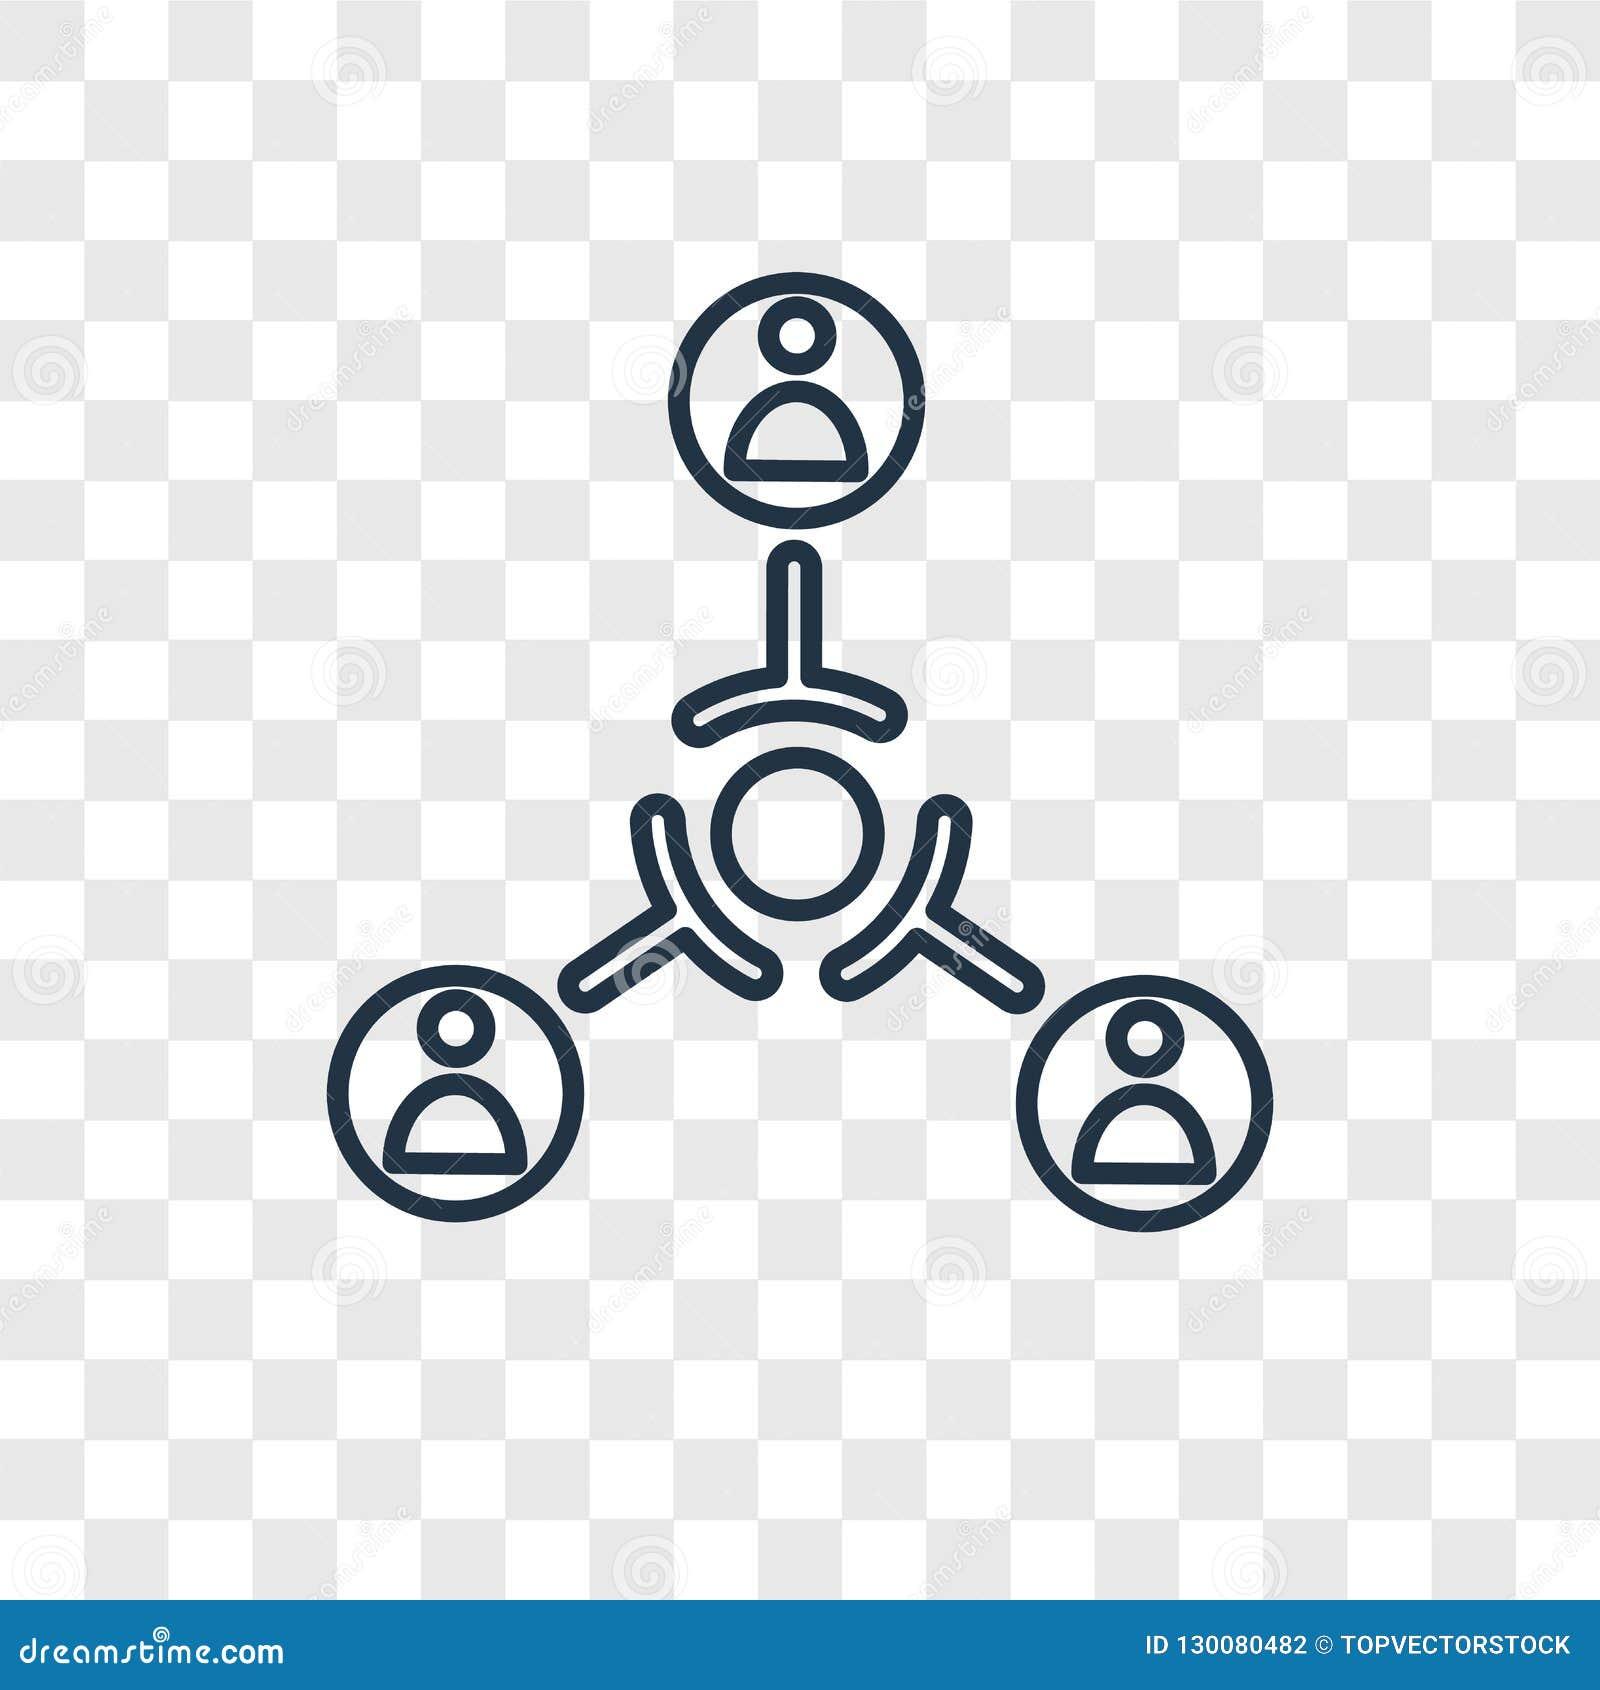 För begreppsvektor för hierarkisk struktur som linjär symbol isoleras på tr